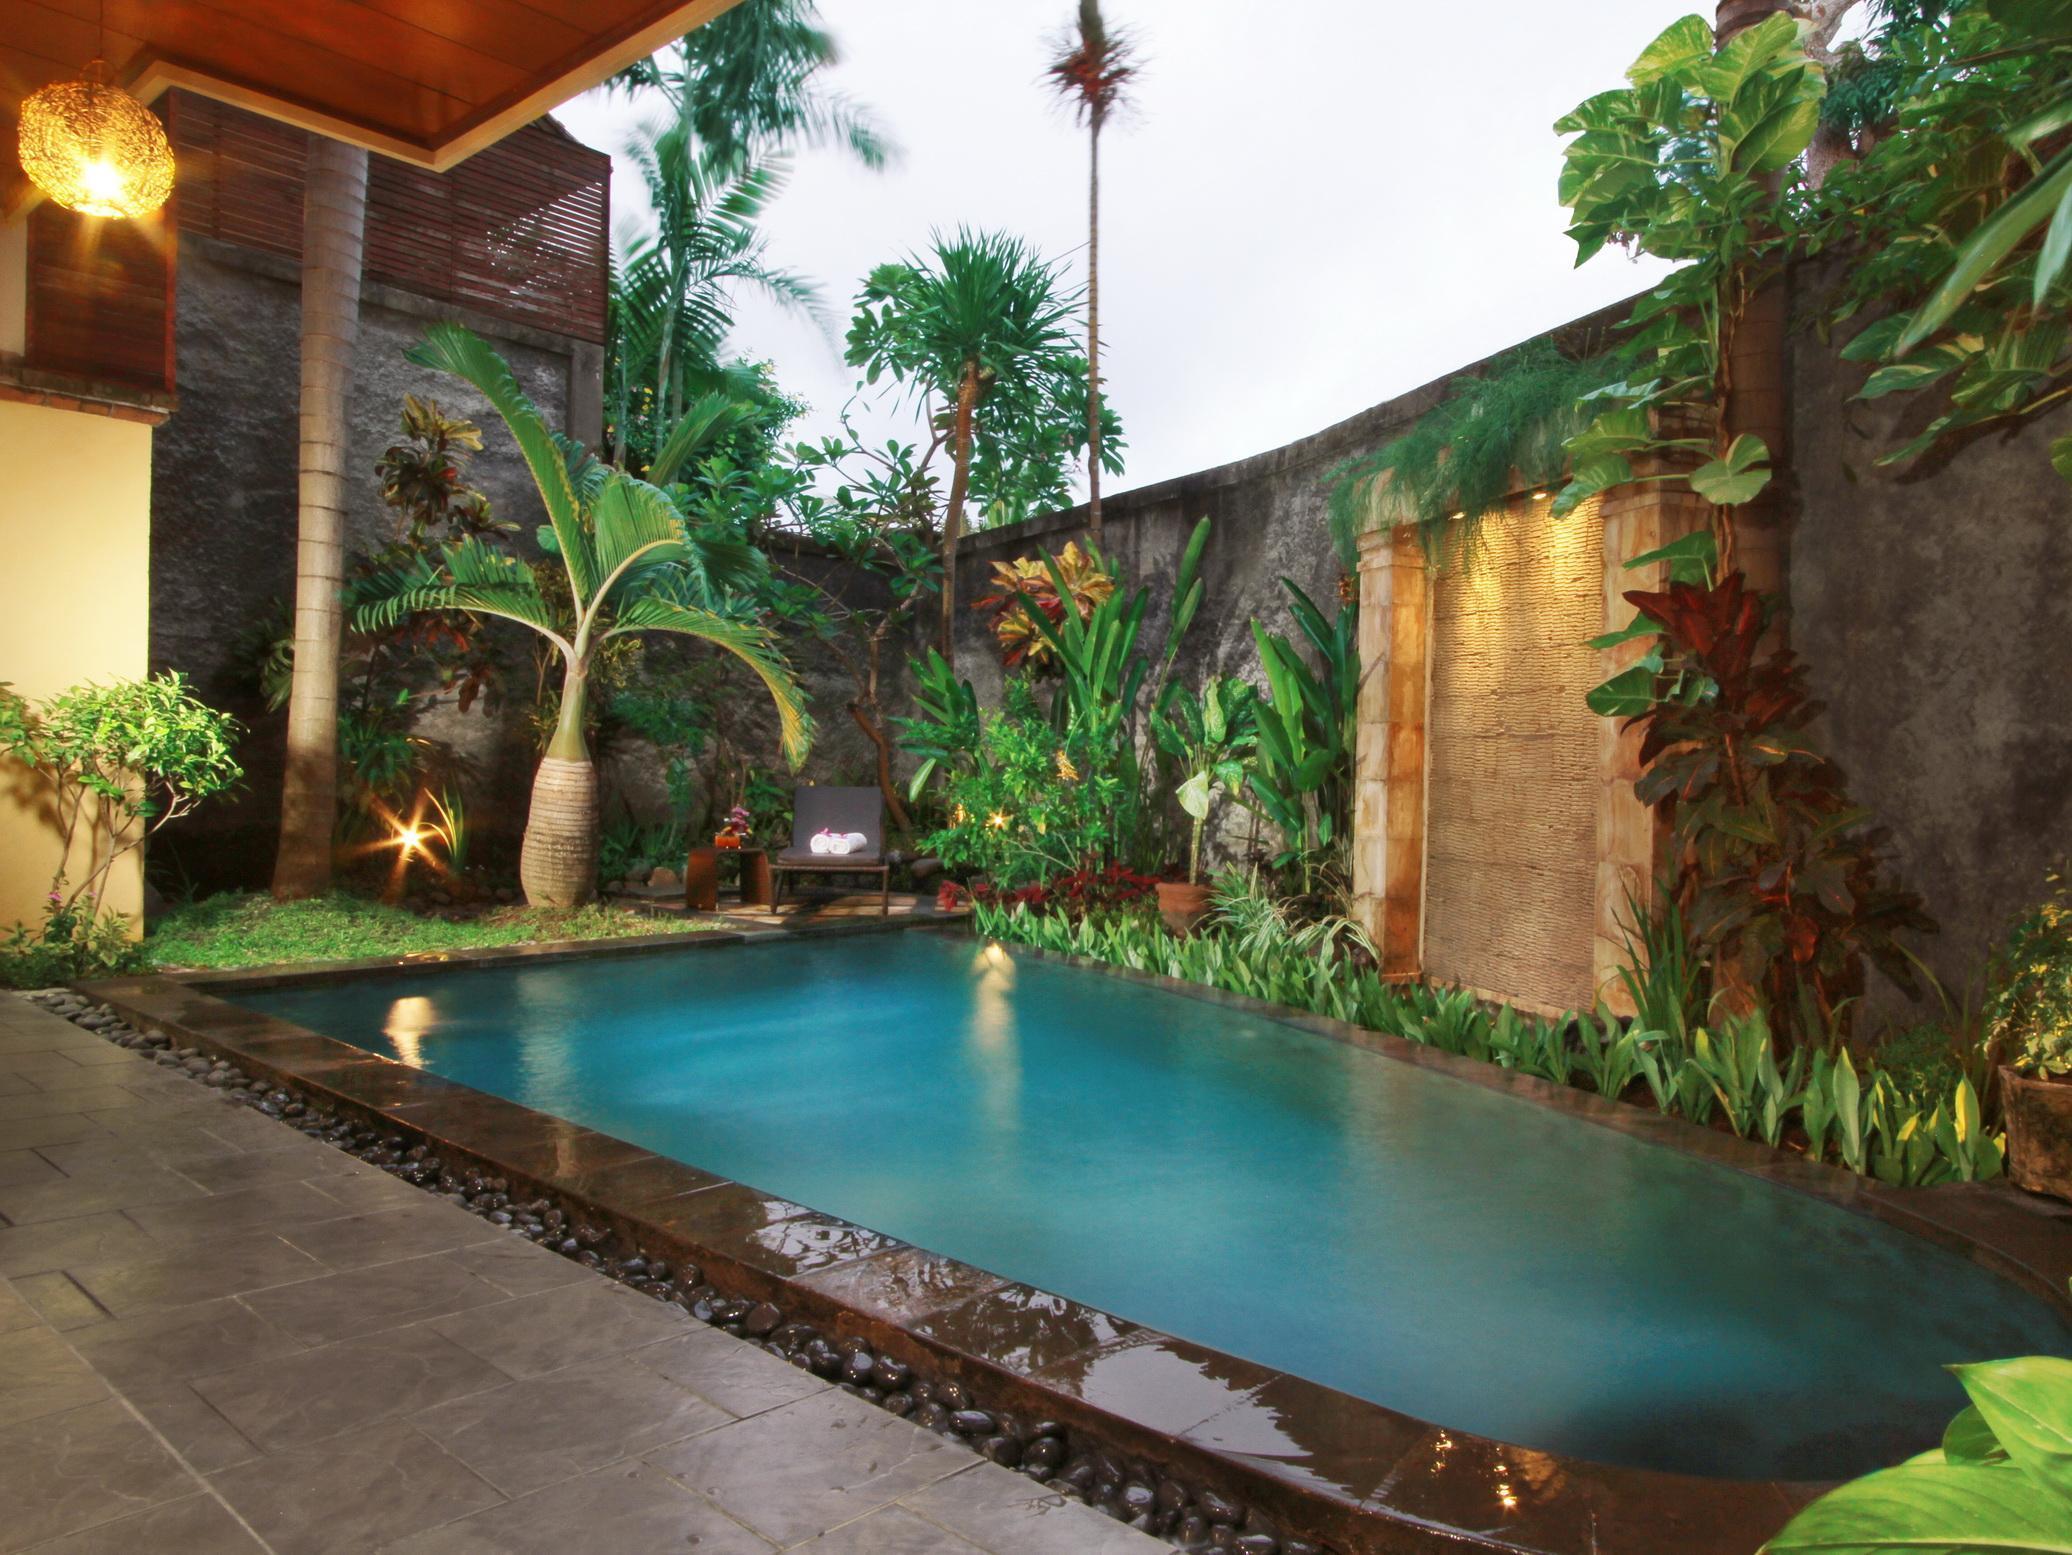 Bali Ayu Hotel & Villas ホテル詳細